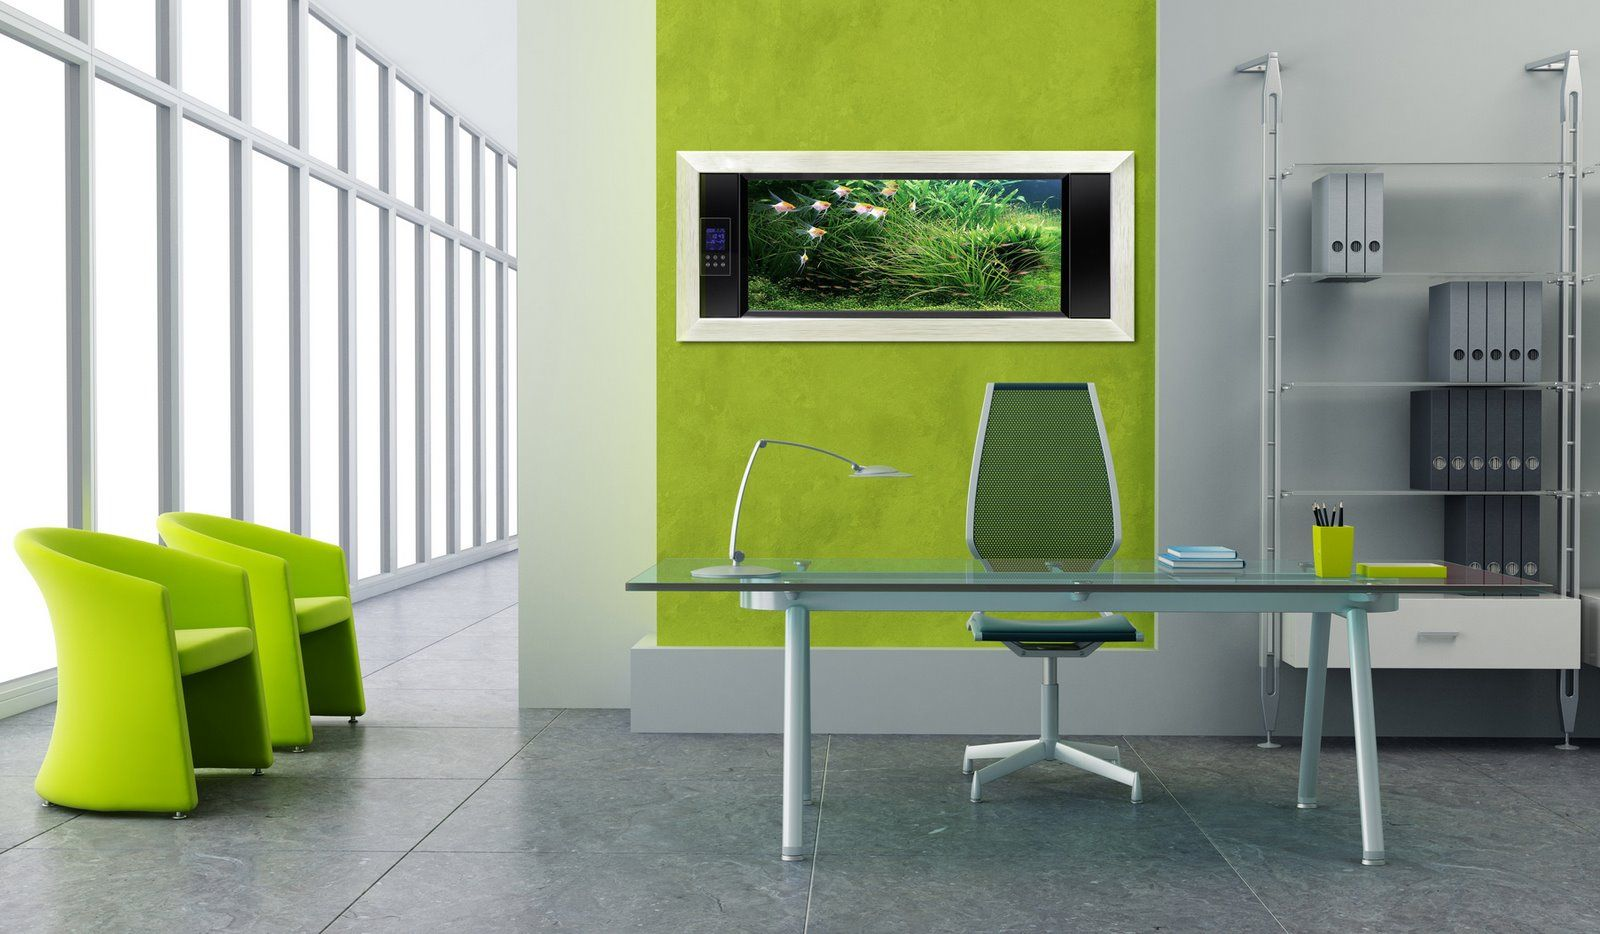 Colori Ufficio Moderno : Green chairs of office interior designs arredamento ufficio